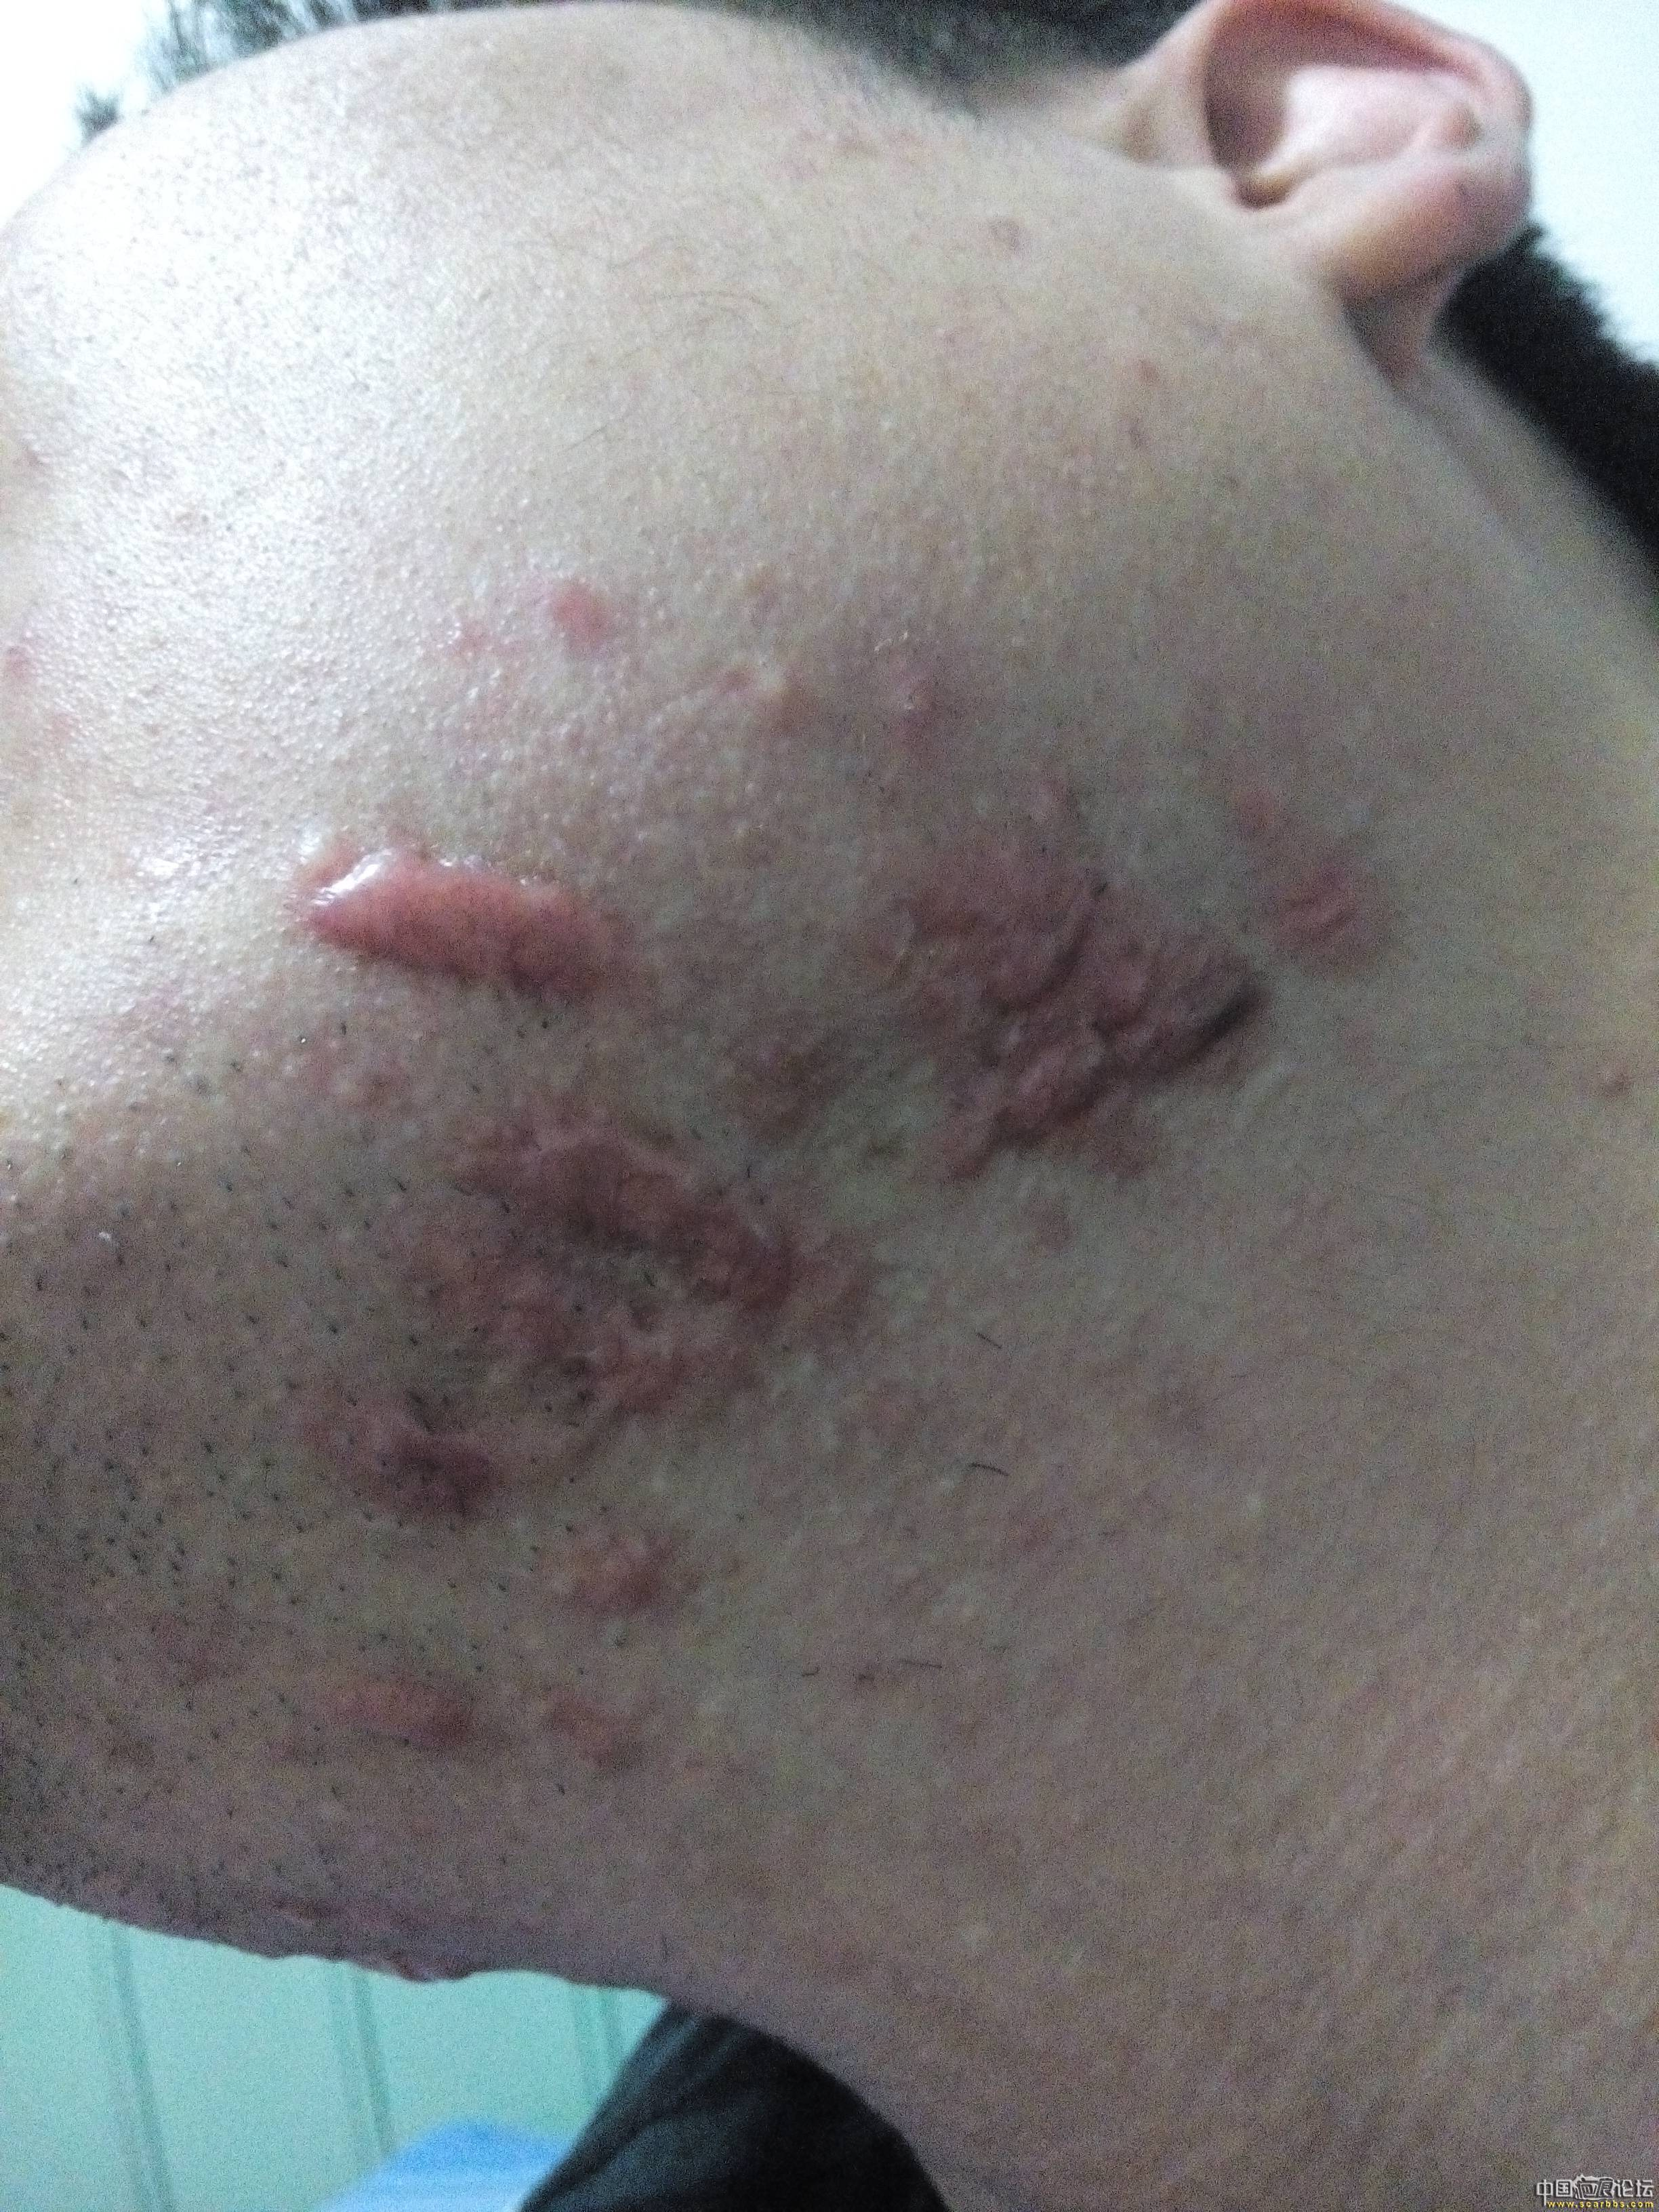 陪伴4年的腮部疤痕疙瘩治疗效果分享62-疤痕体质图片_疤痕疙瘩图片-中国疤痕论坛